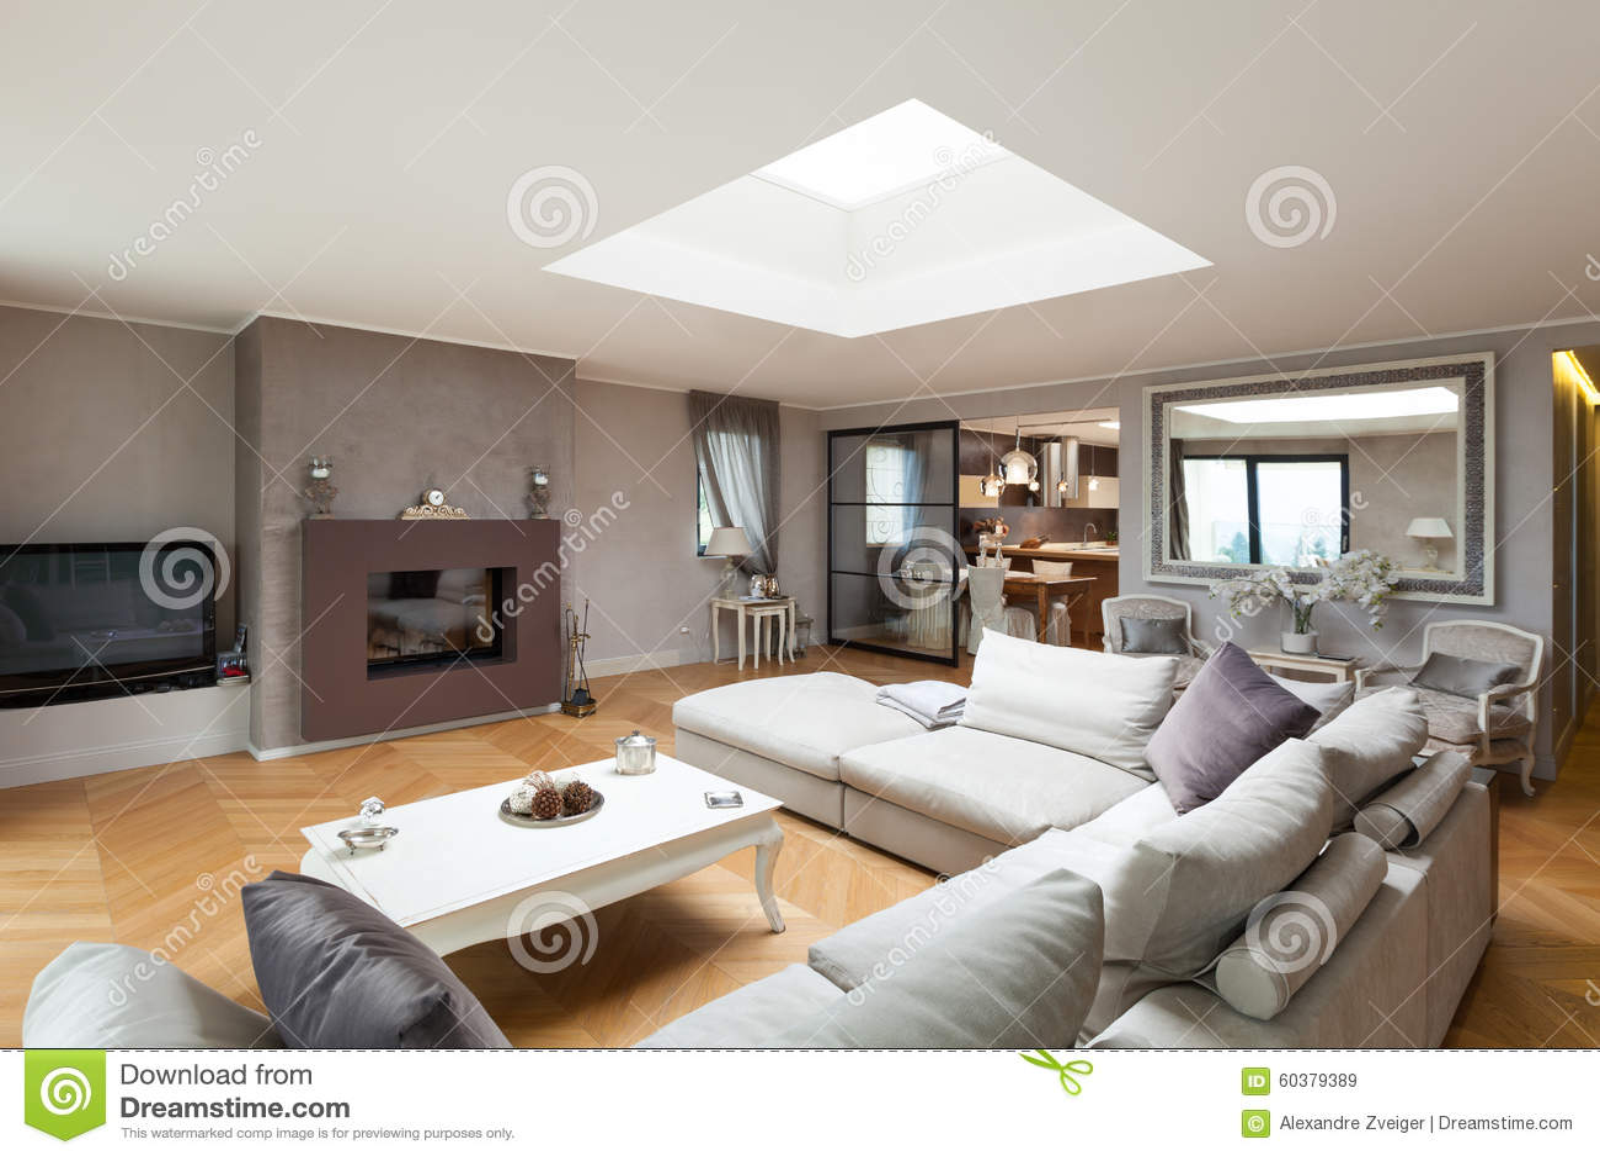 Красивая поставленная квартира